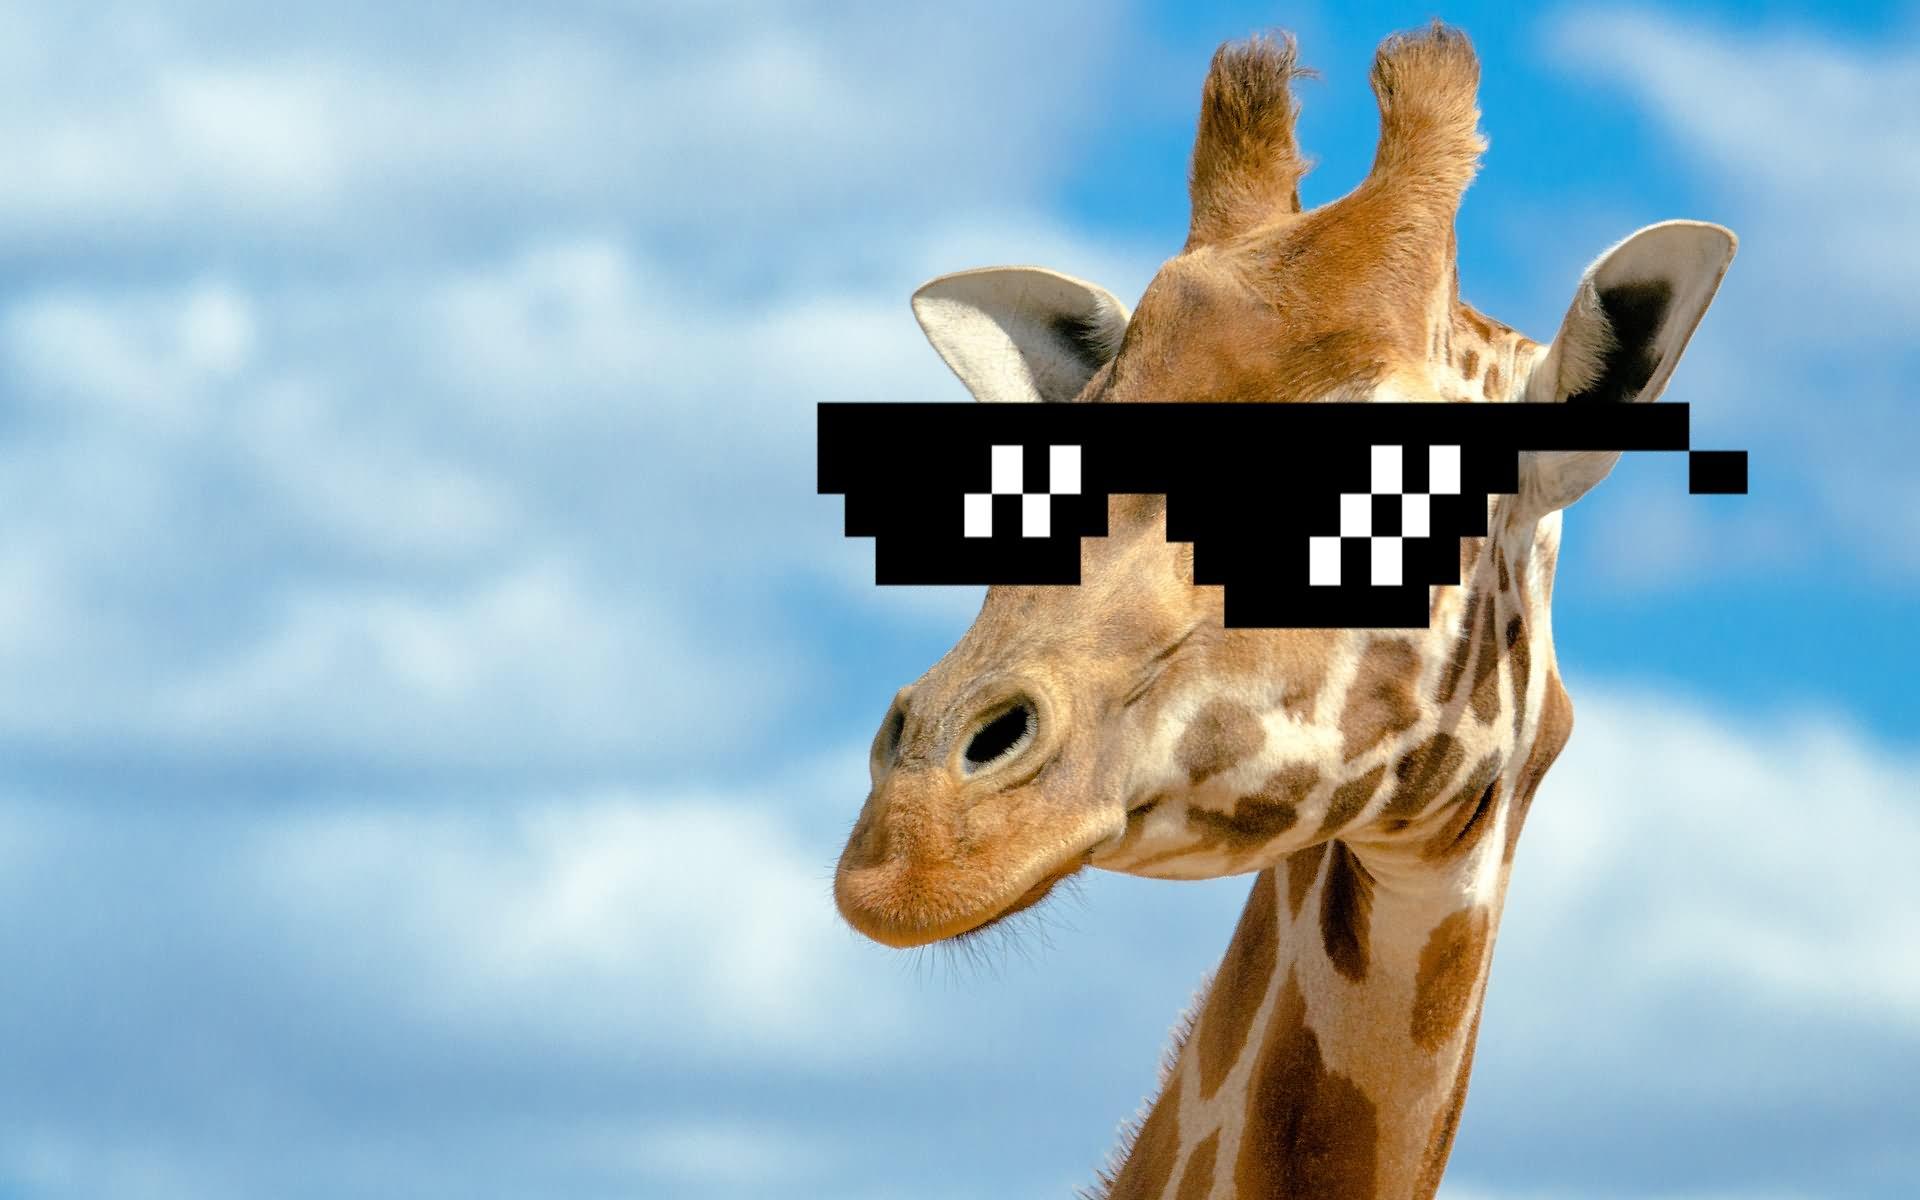 Funny Giraffe In Sunglasses